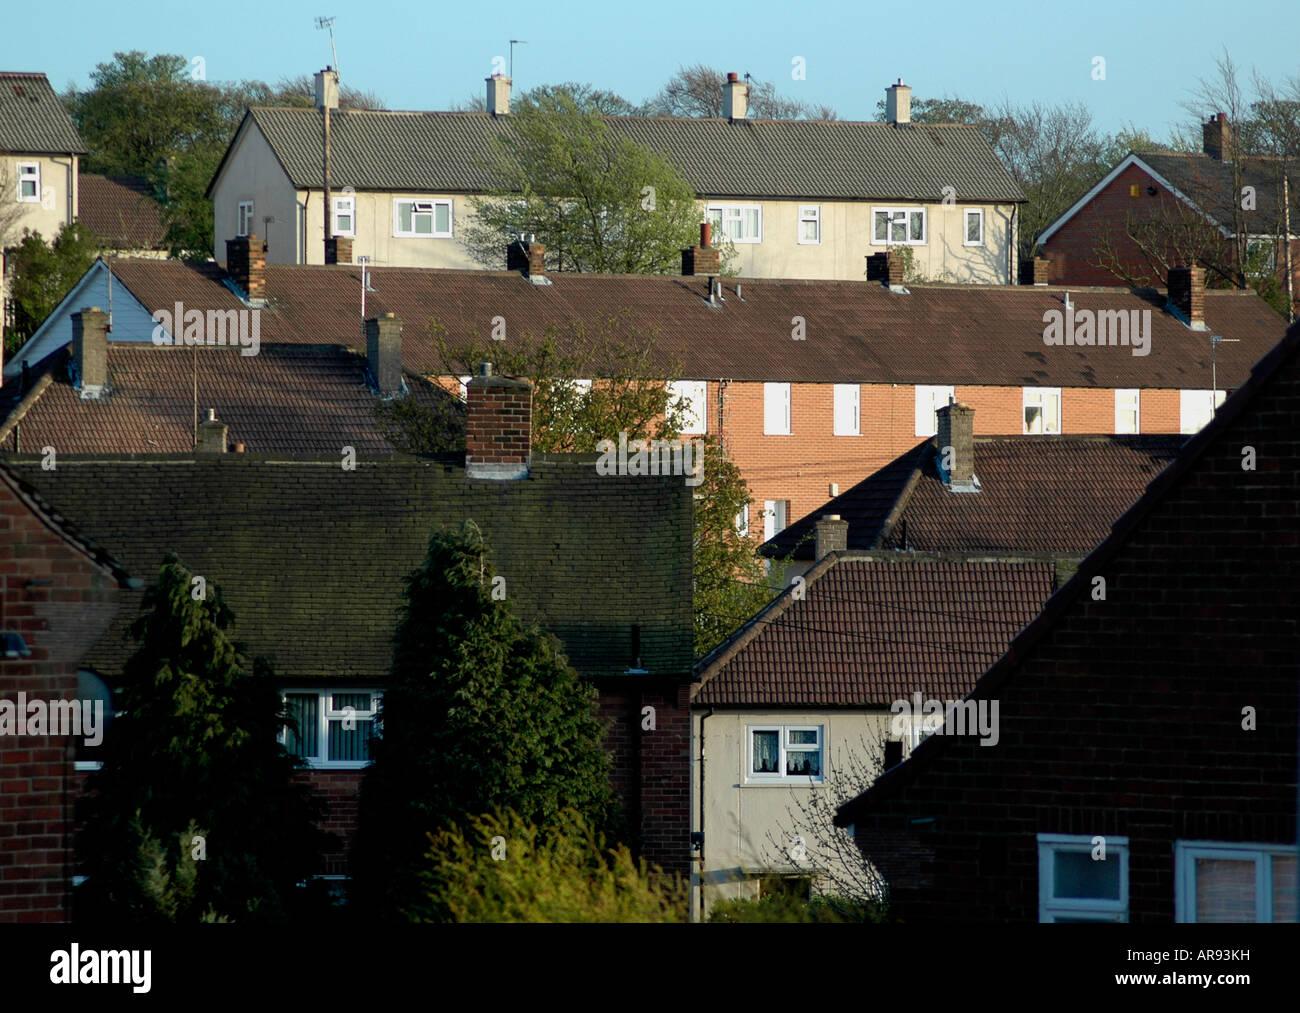 Council Housing, Leeds - Stock Image